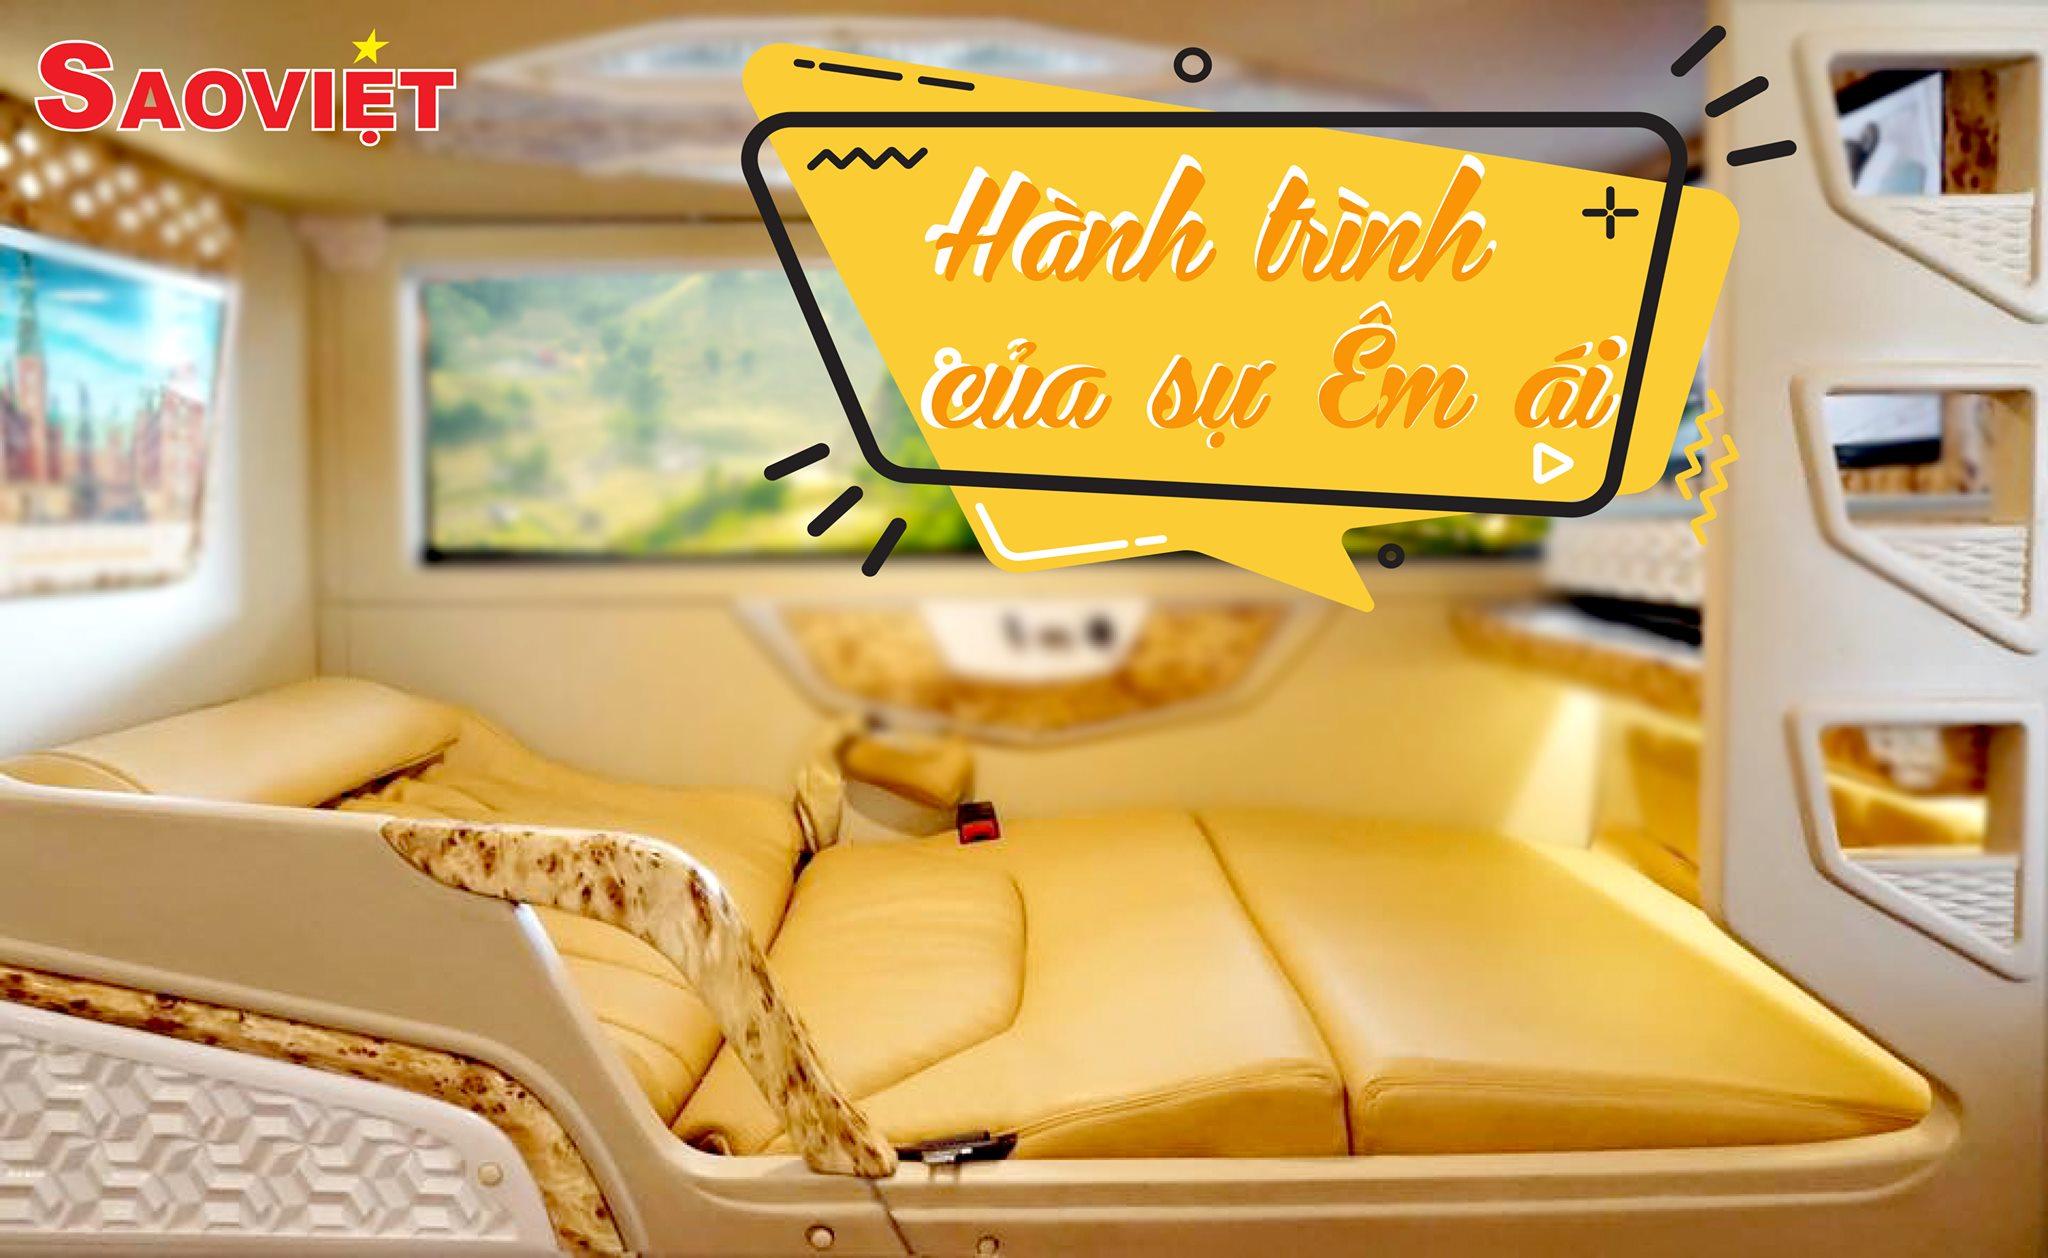 Xe giường nằm Hà Nội đi Sapa - Nội thất cabin đôi, sang trọng, đẳng cấp và tiện nghi